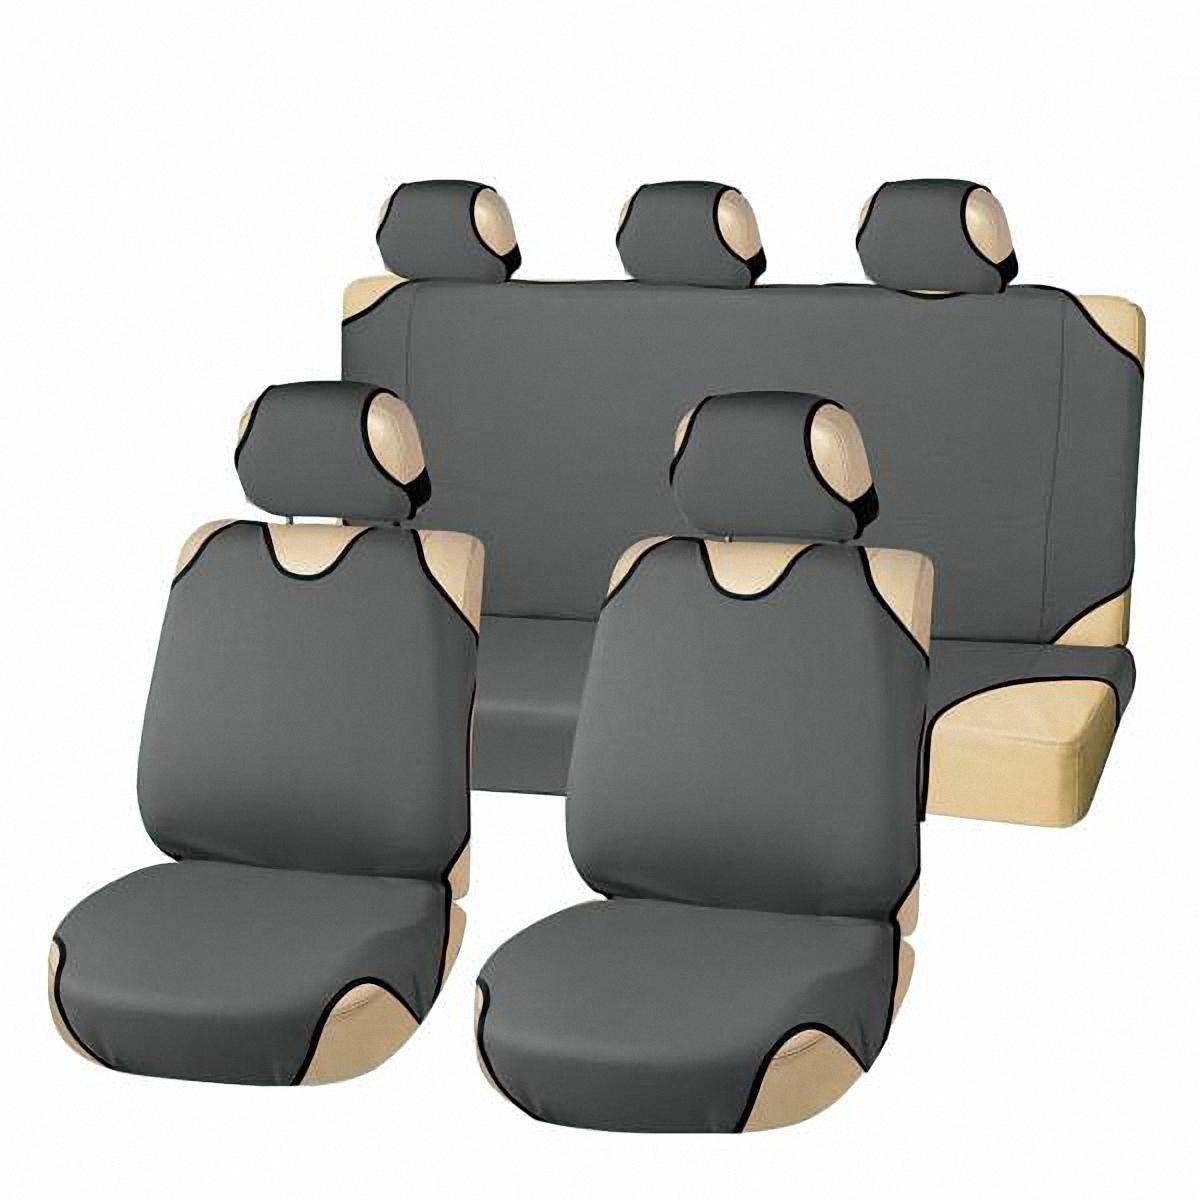 Чехлы-майки автомобильные Skyway. S01303007S01303007Комплект универсальных автомобильных чехлов Skyway изготовлен из полиэстера. Благодаря многослойной структуре материала изделие точно повторяет контур сидений. Конструкция всех предметов комплекта разработана специально для их максимально удобной и лёгкой установки на сидения вашего автомобиля. Комплектация: Чехлы на подголовники - 5 шт. Чехол-майка на передние сиденья - 2 шт. Чехол-майка на заднее сиденье - 1 шт. Чехол-майка на спинку заднего сиденья - 1 шт.